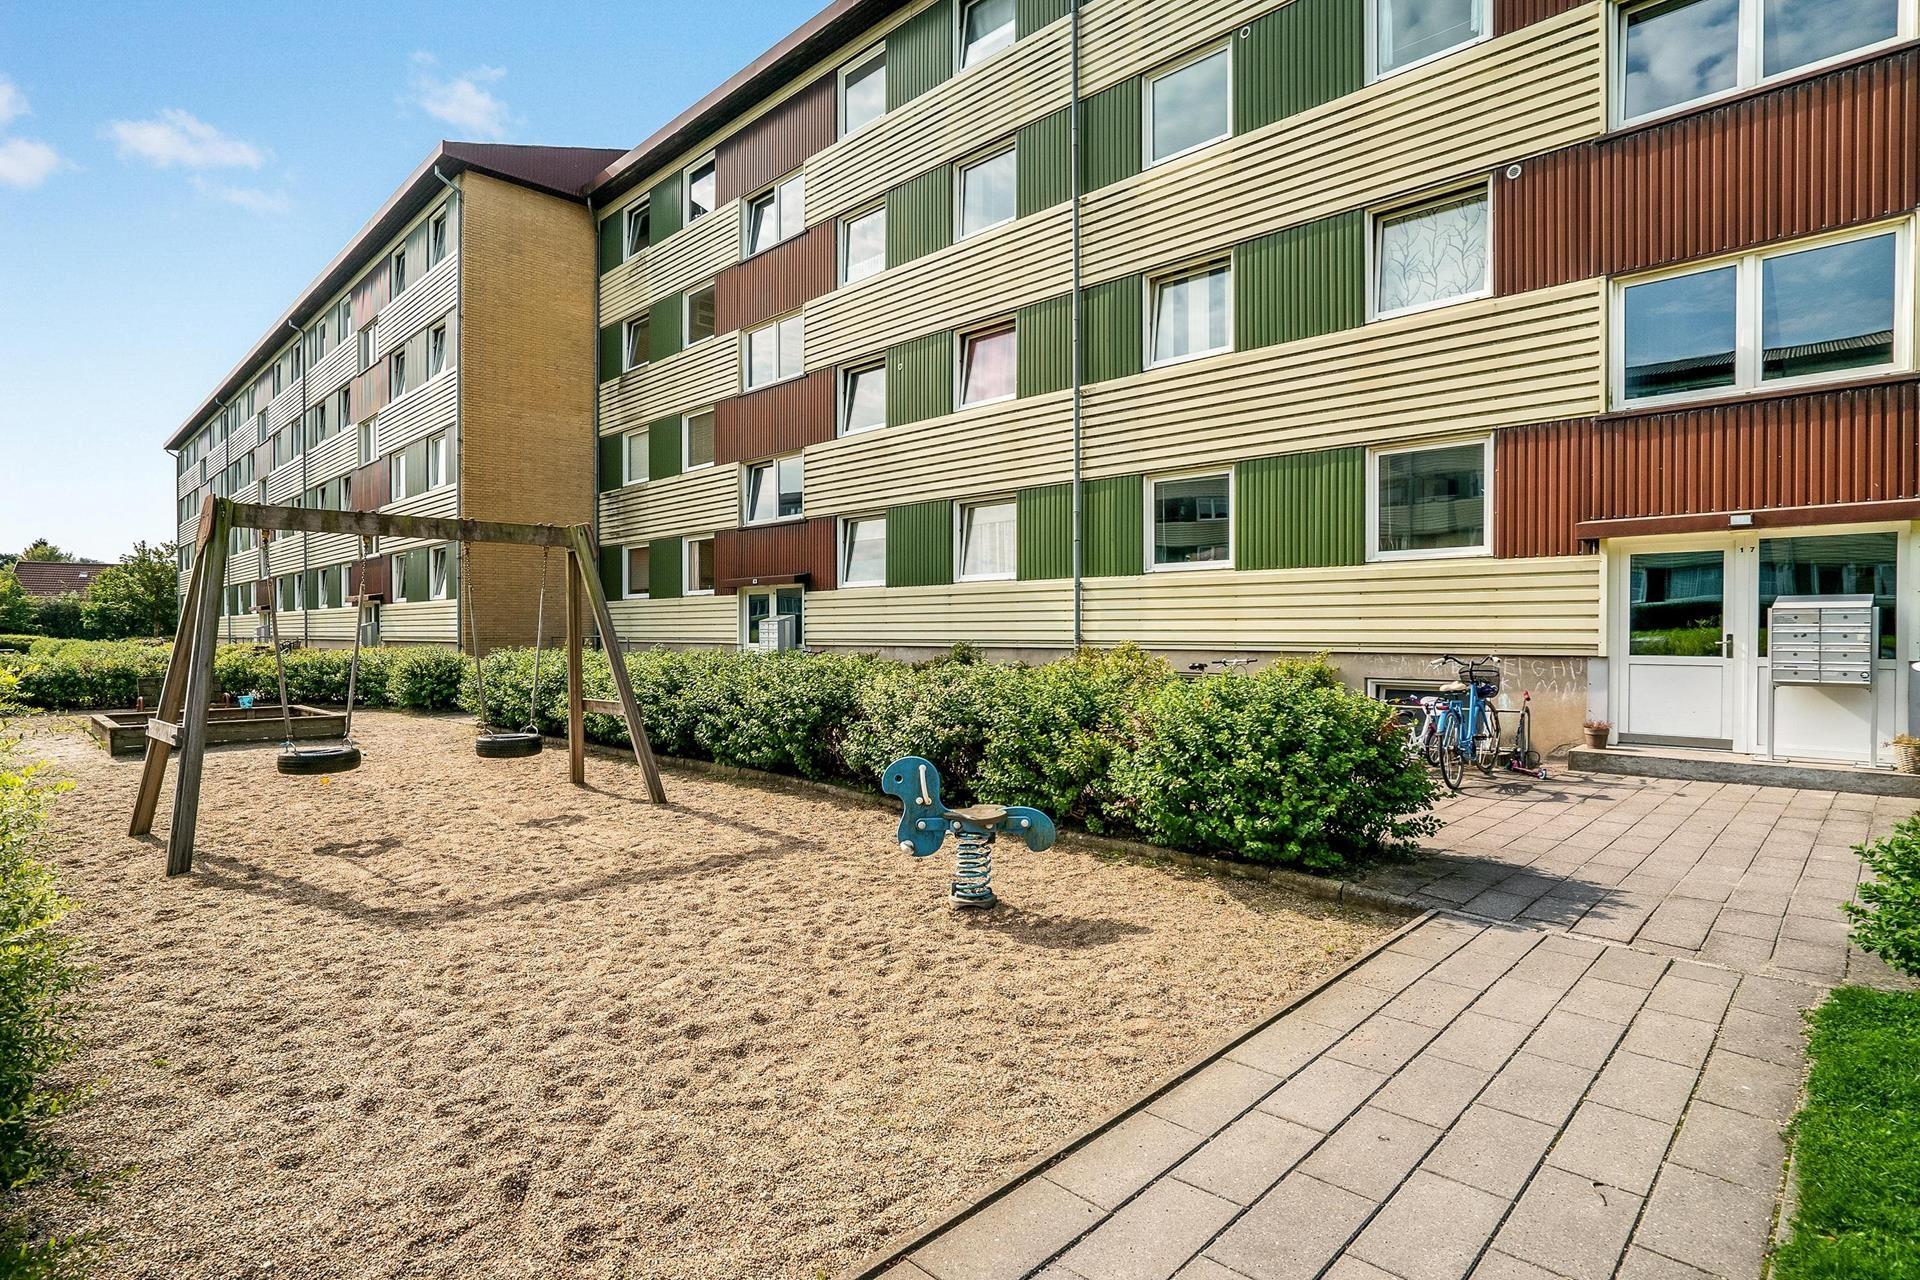 Ægirsvej 17 2 tv, 8920 Randers NV